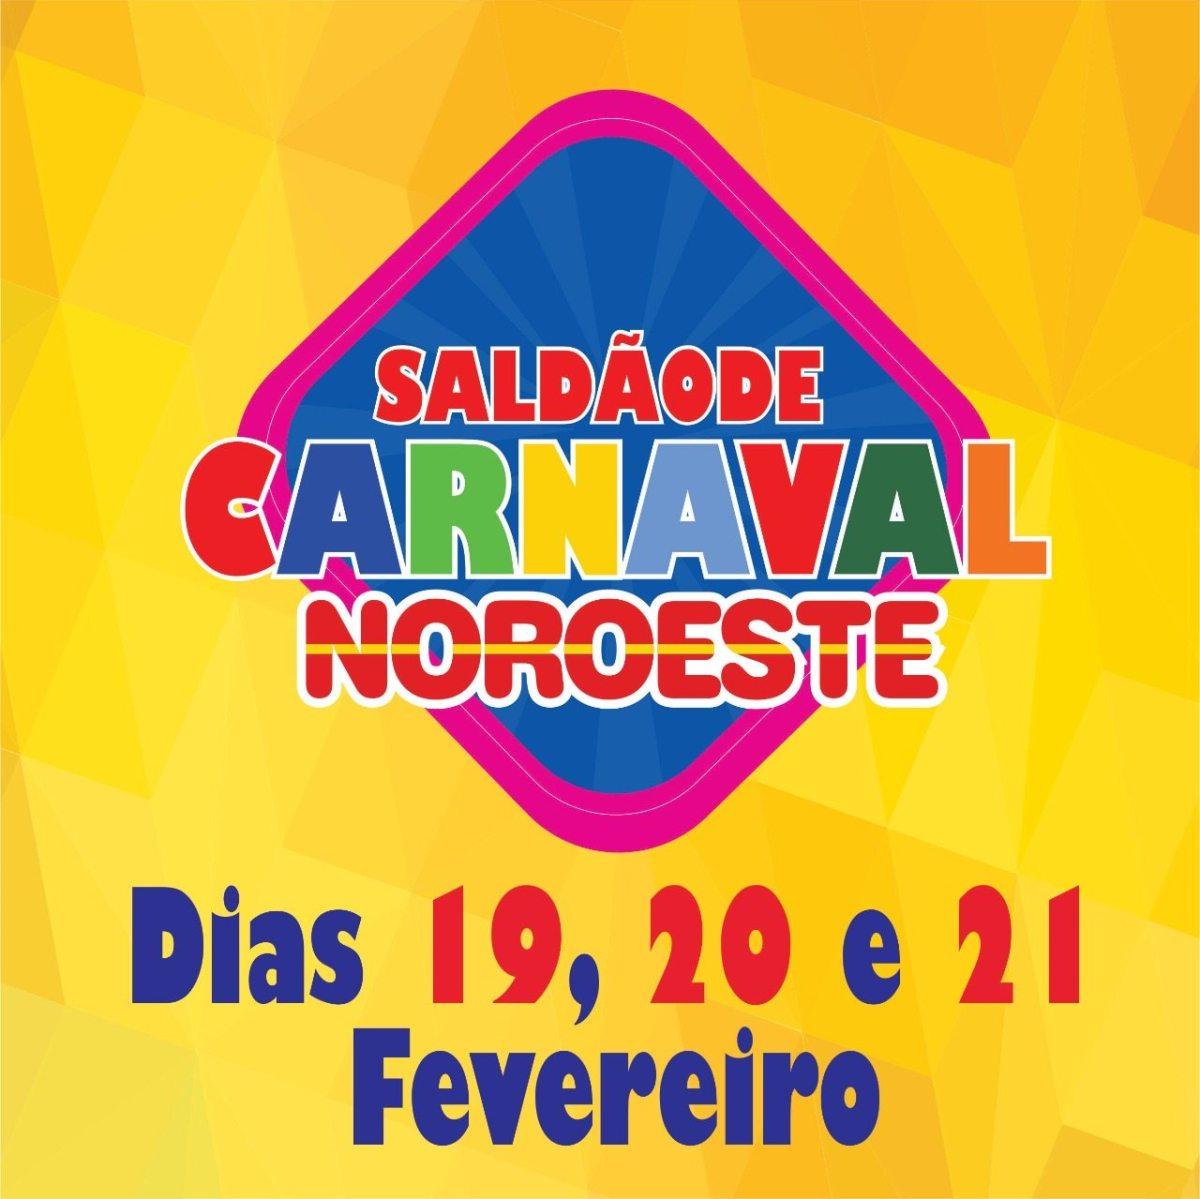 É amanhã o inicio da promoção SALDÃO DE CARNAVAL NOROESTE